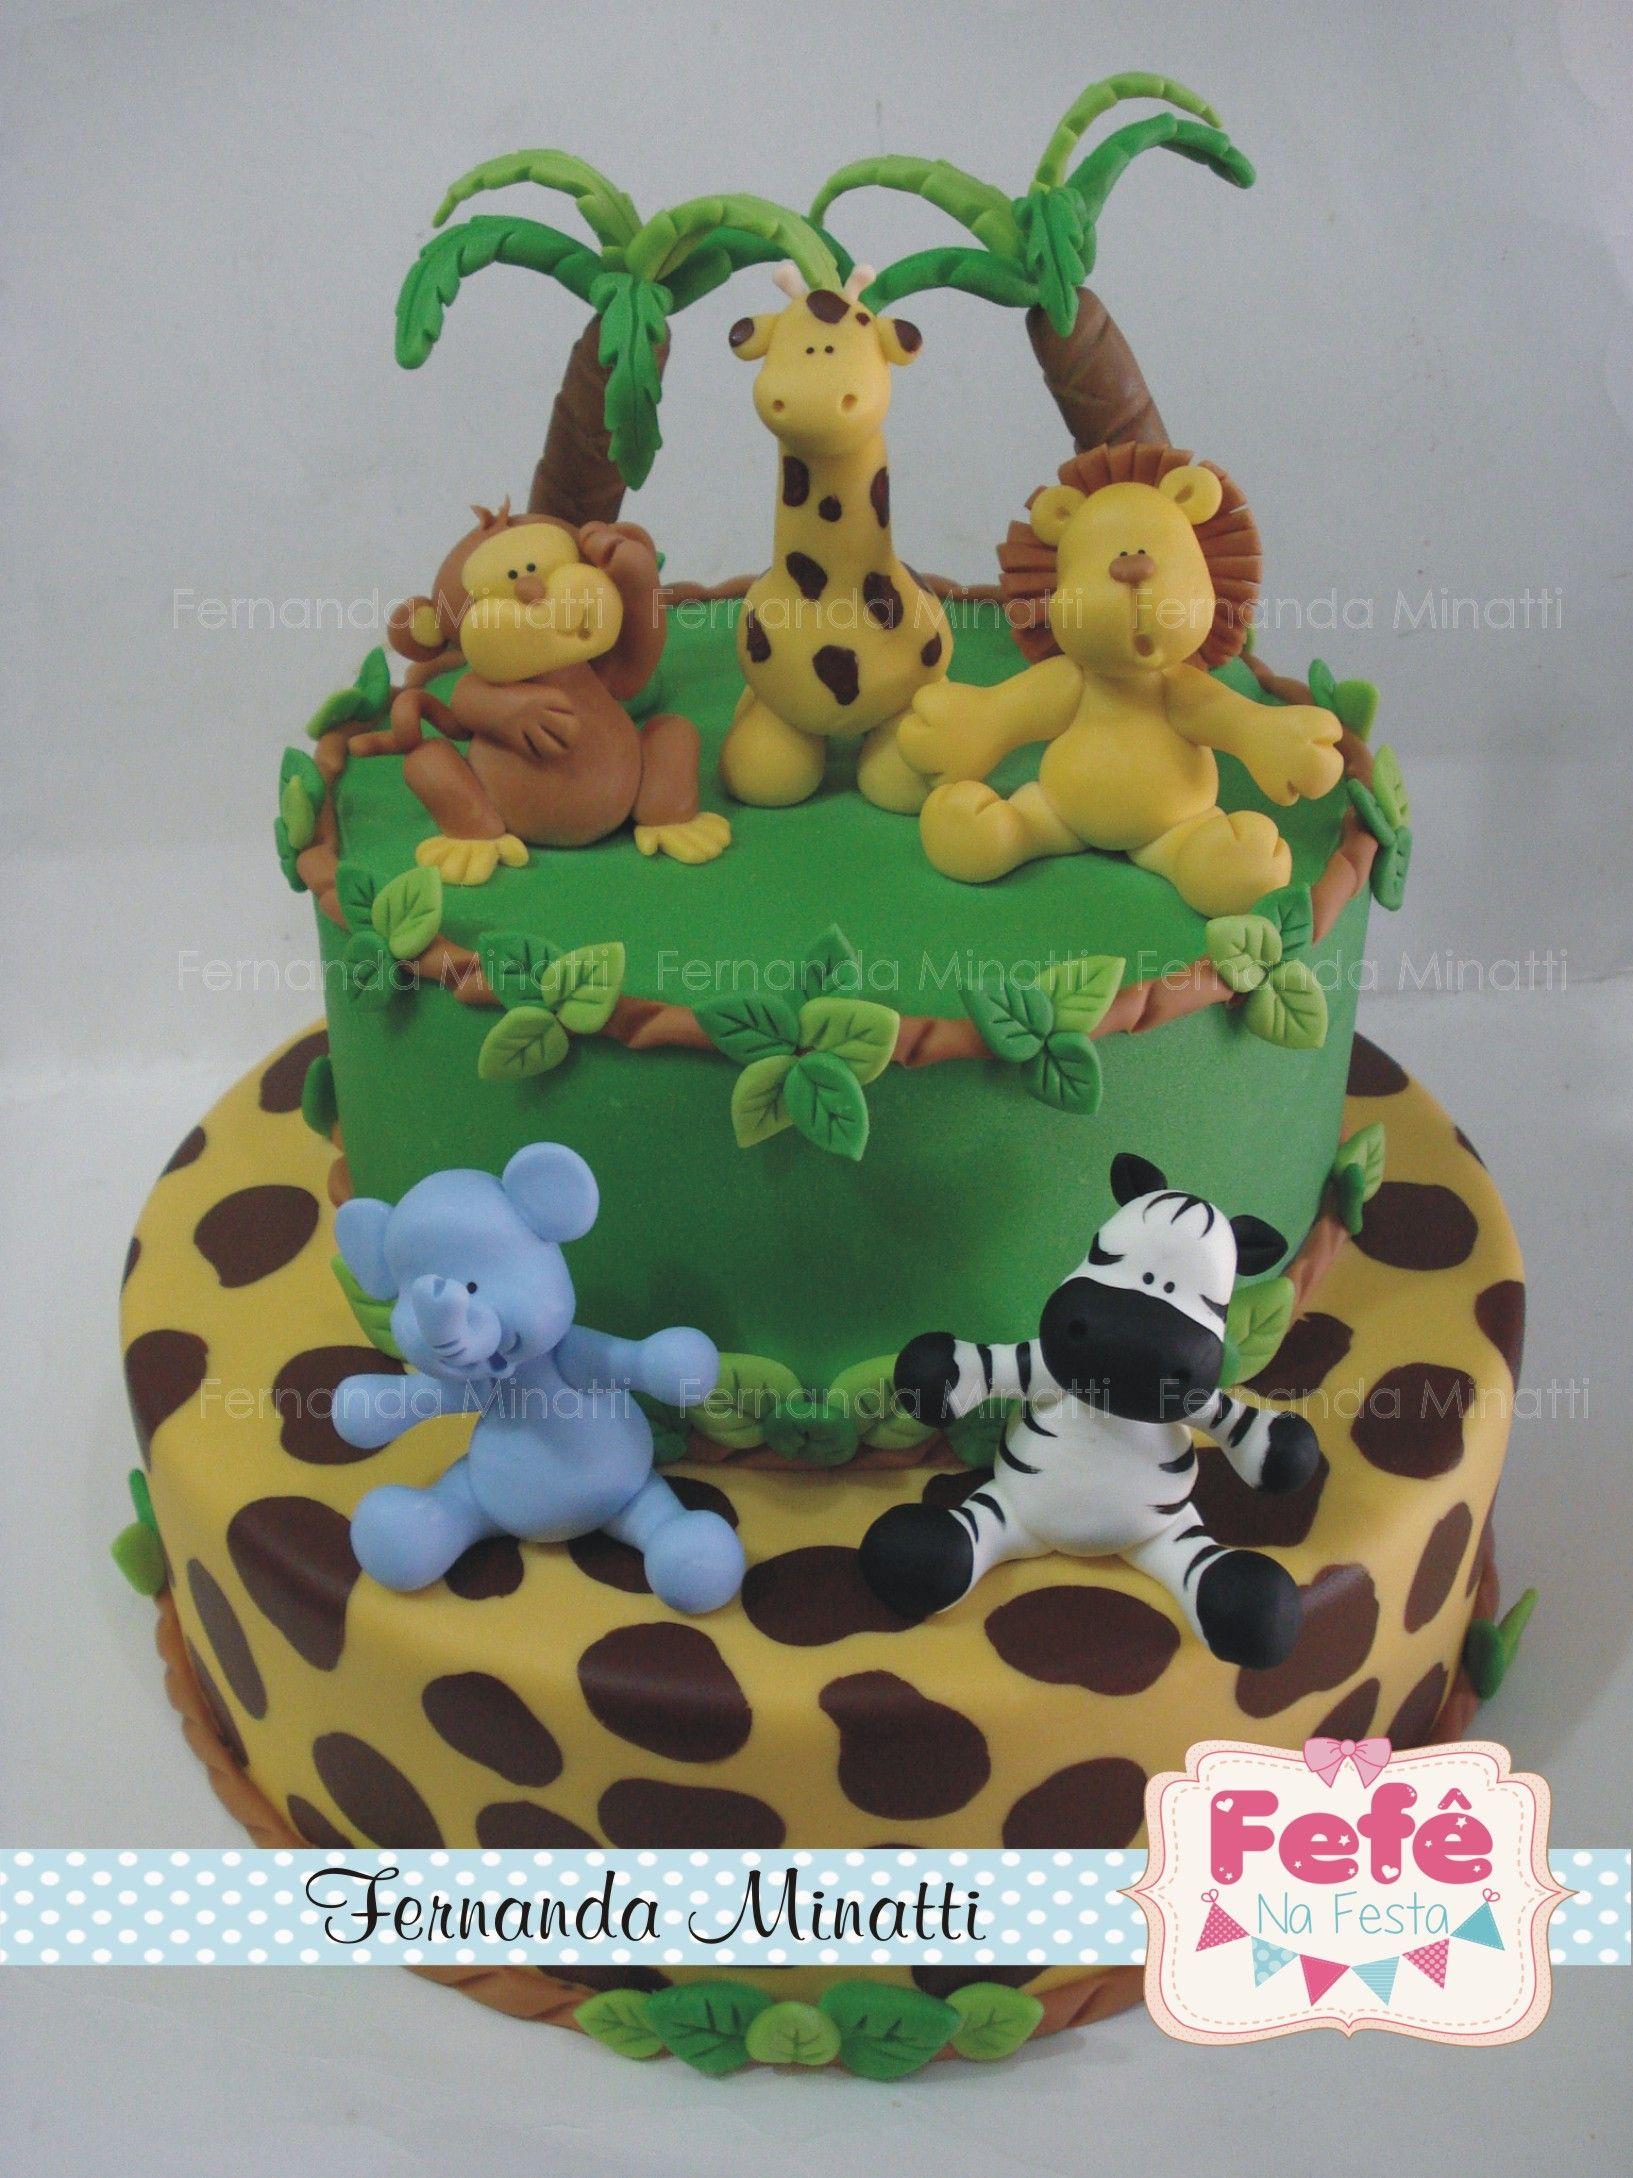 Bolo Cenogr Fico Floresta Jungle Cake Fake By Fernanda Minatti